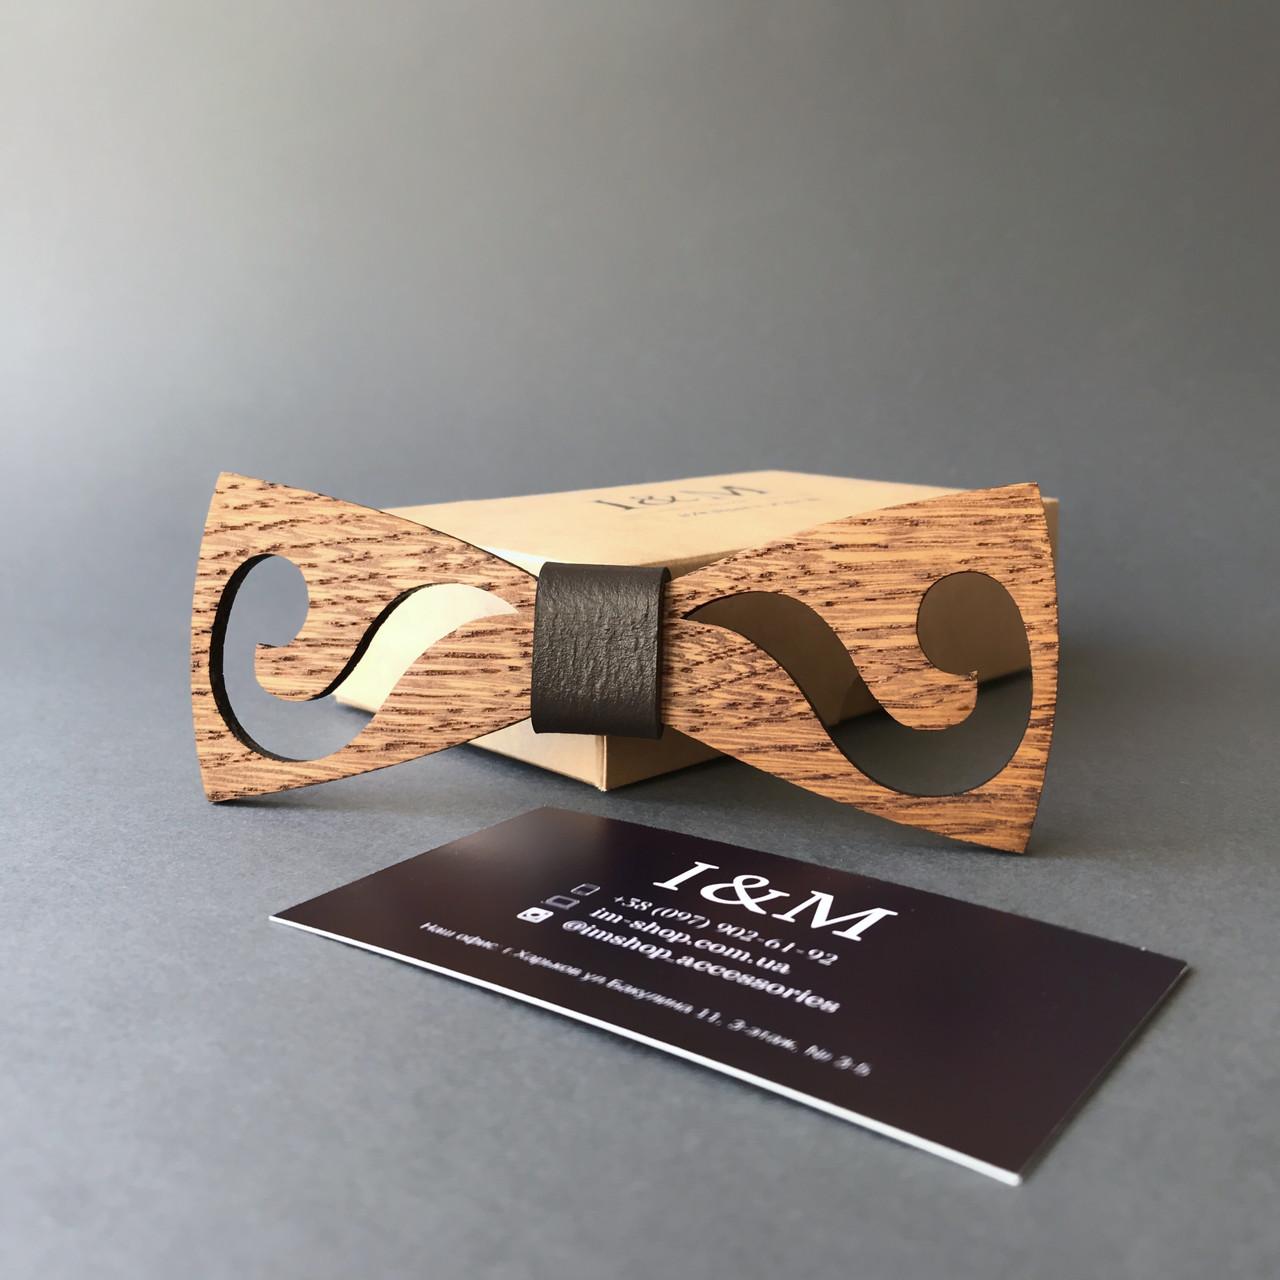 Галстук-бабочка I&M Craft из дерева с гравировкой усов (011222)